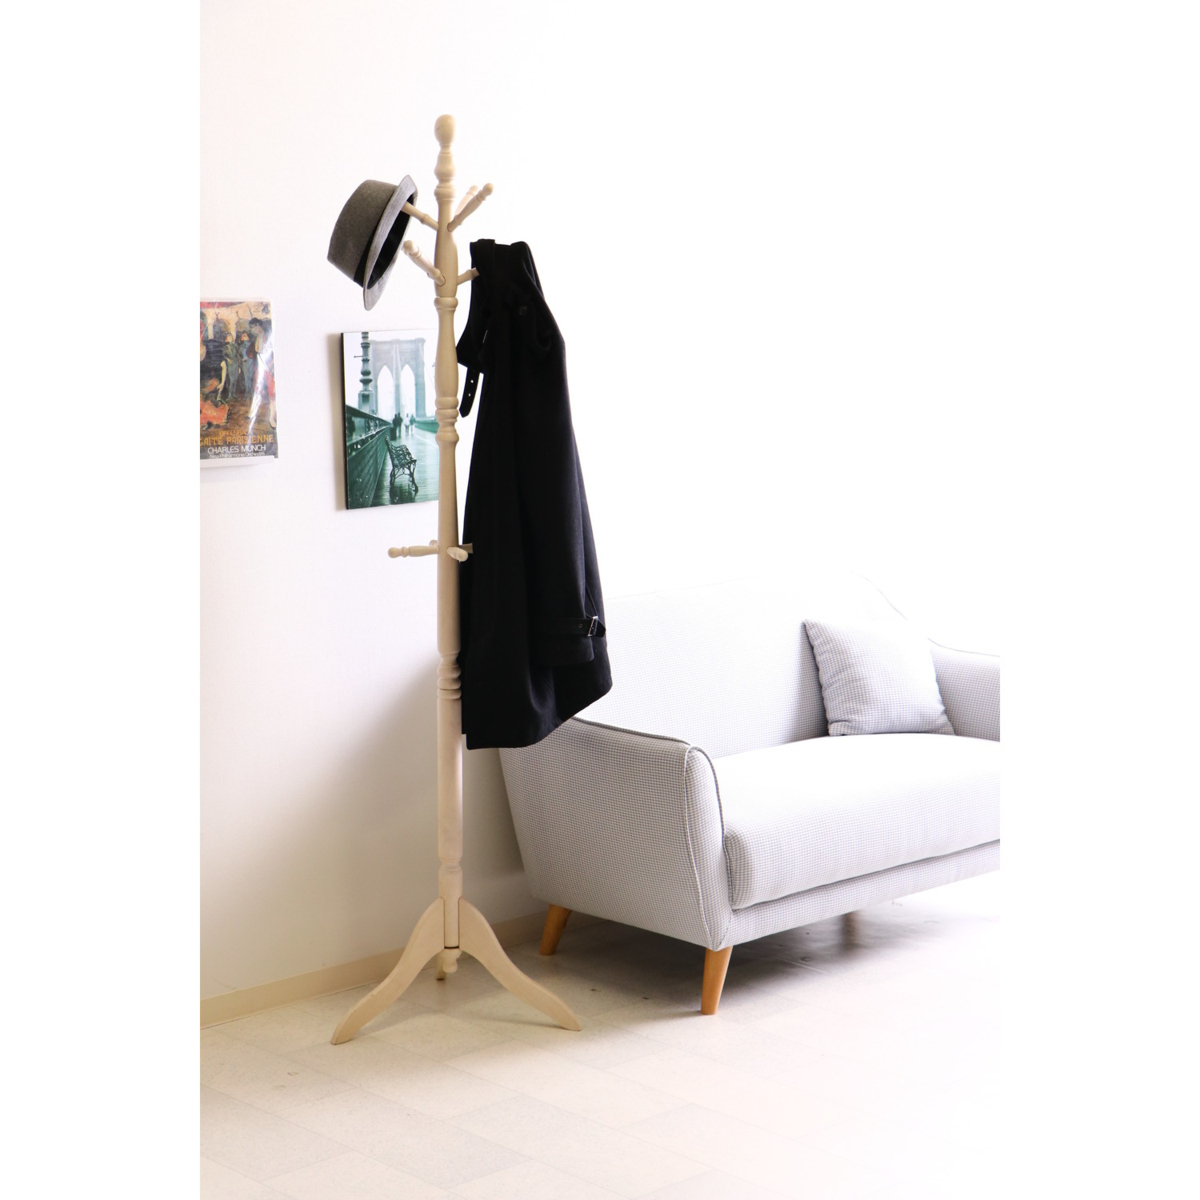 送料無料/極太 木製ラバーウッド ポール コートハンガー ハンガーラック アンティーク風 家具 インテリア 幅51cm 高さ183cm ホワイト/新品_画像8